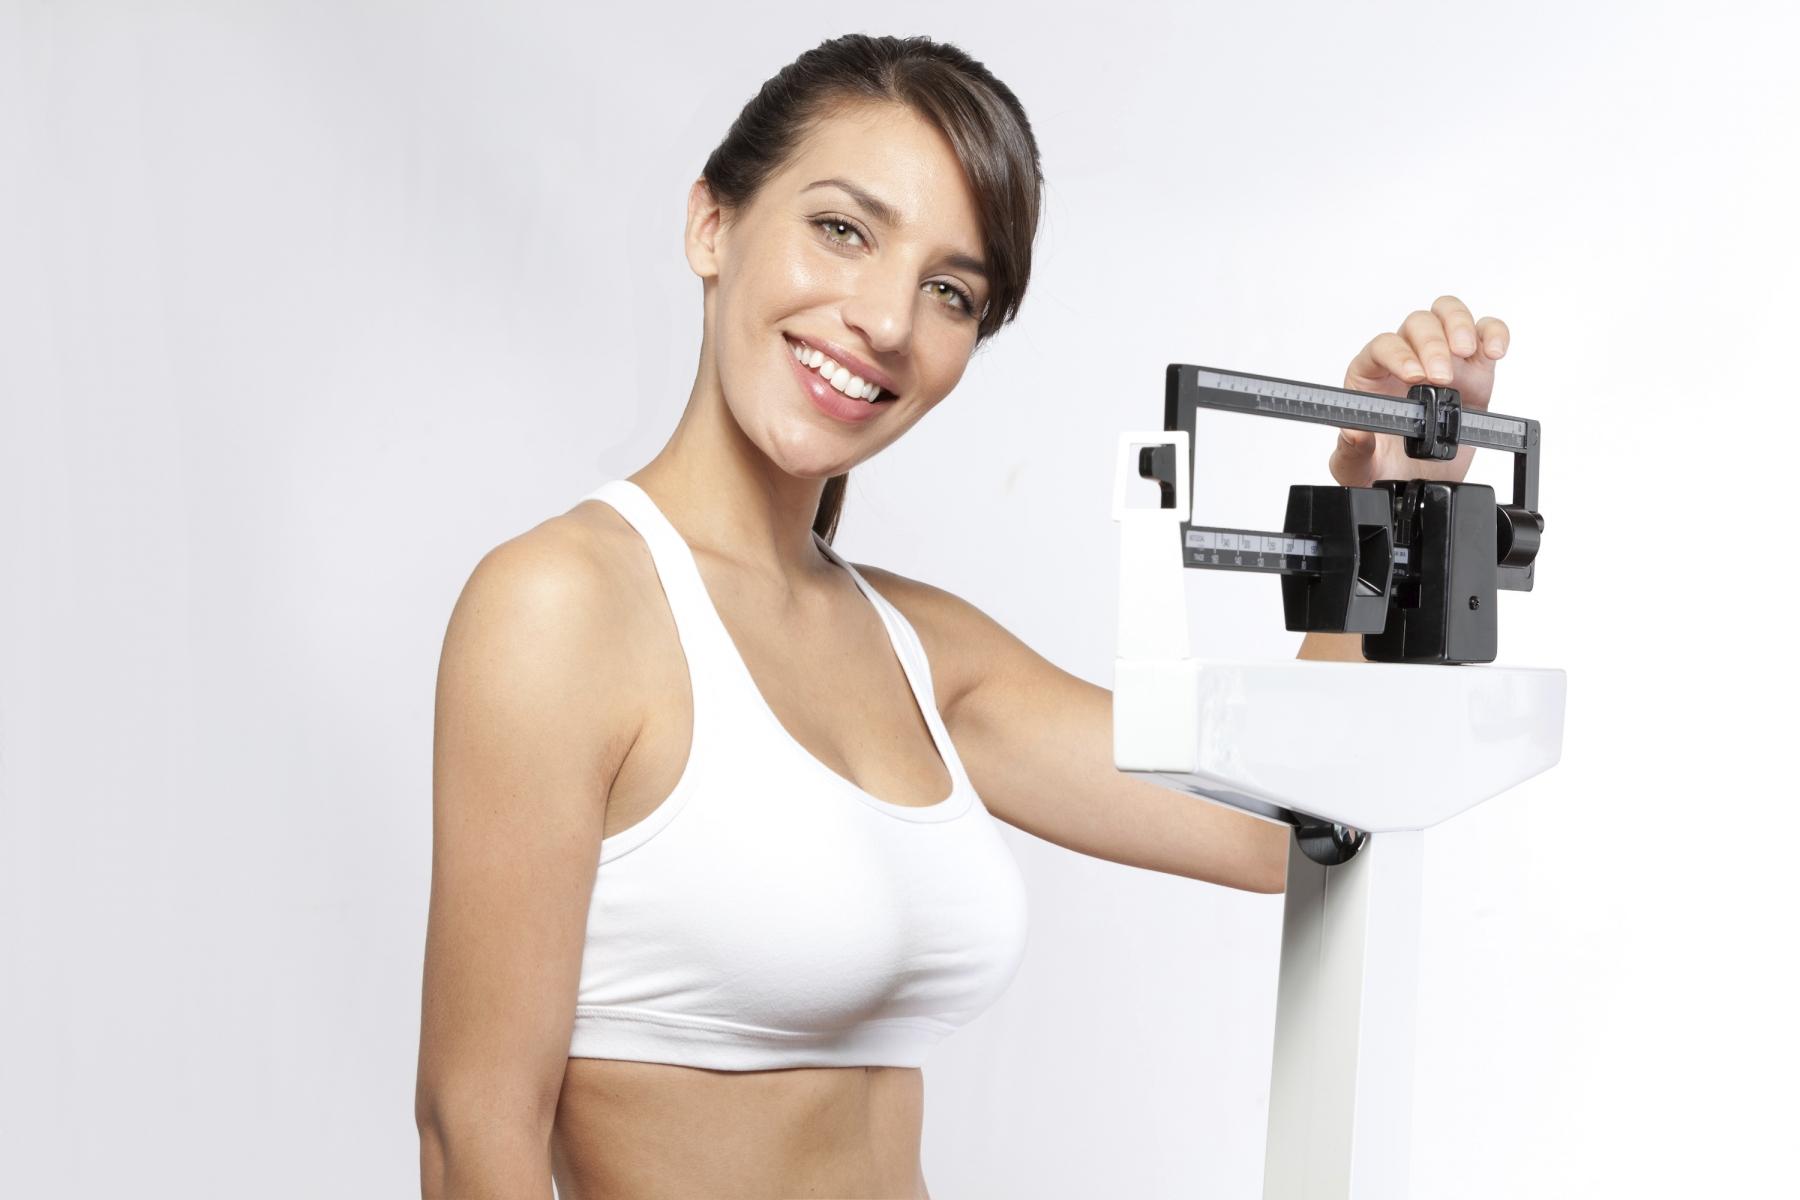 как похудеть после кесарева сечения форум